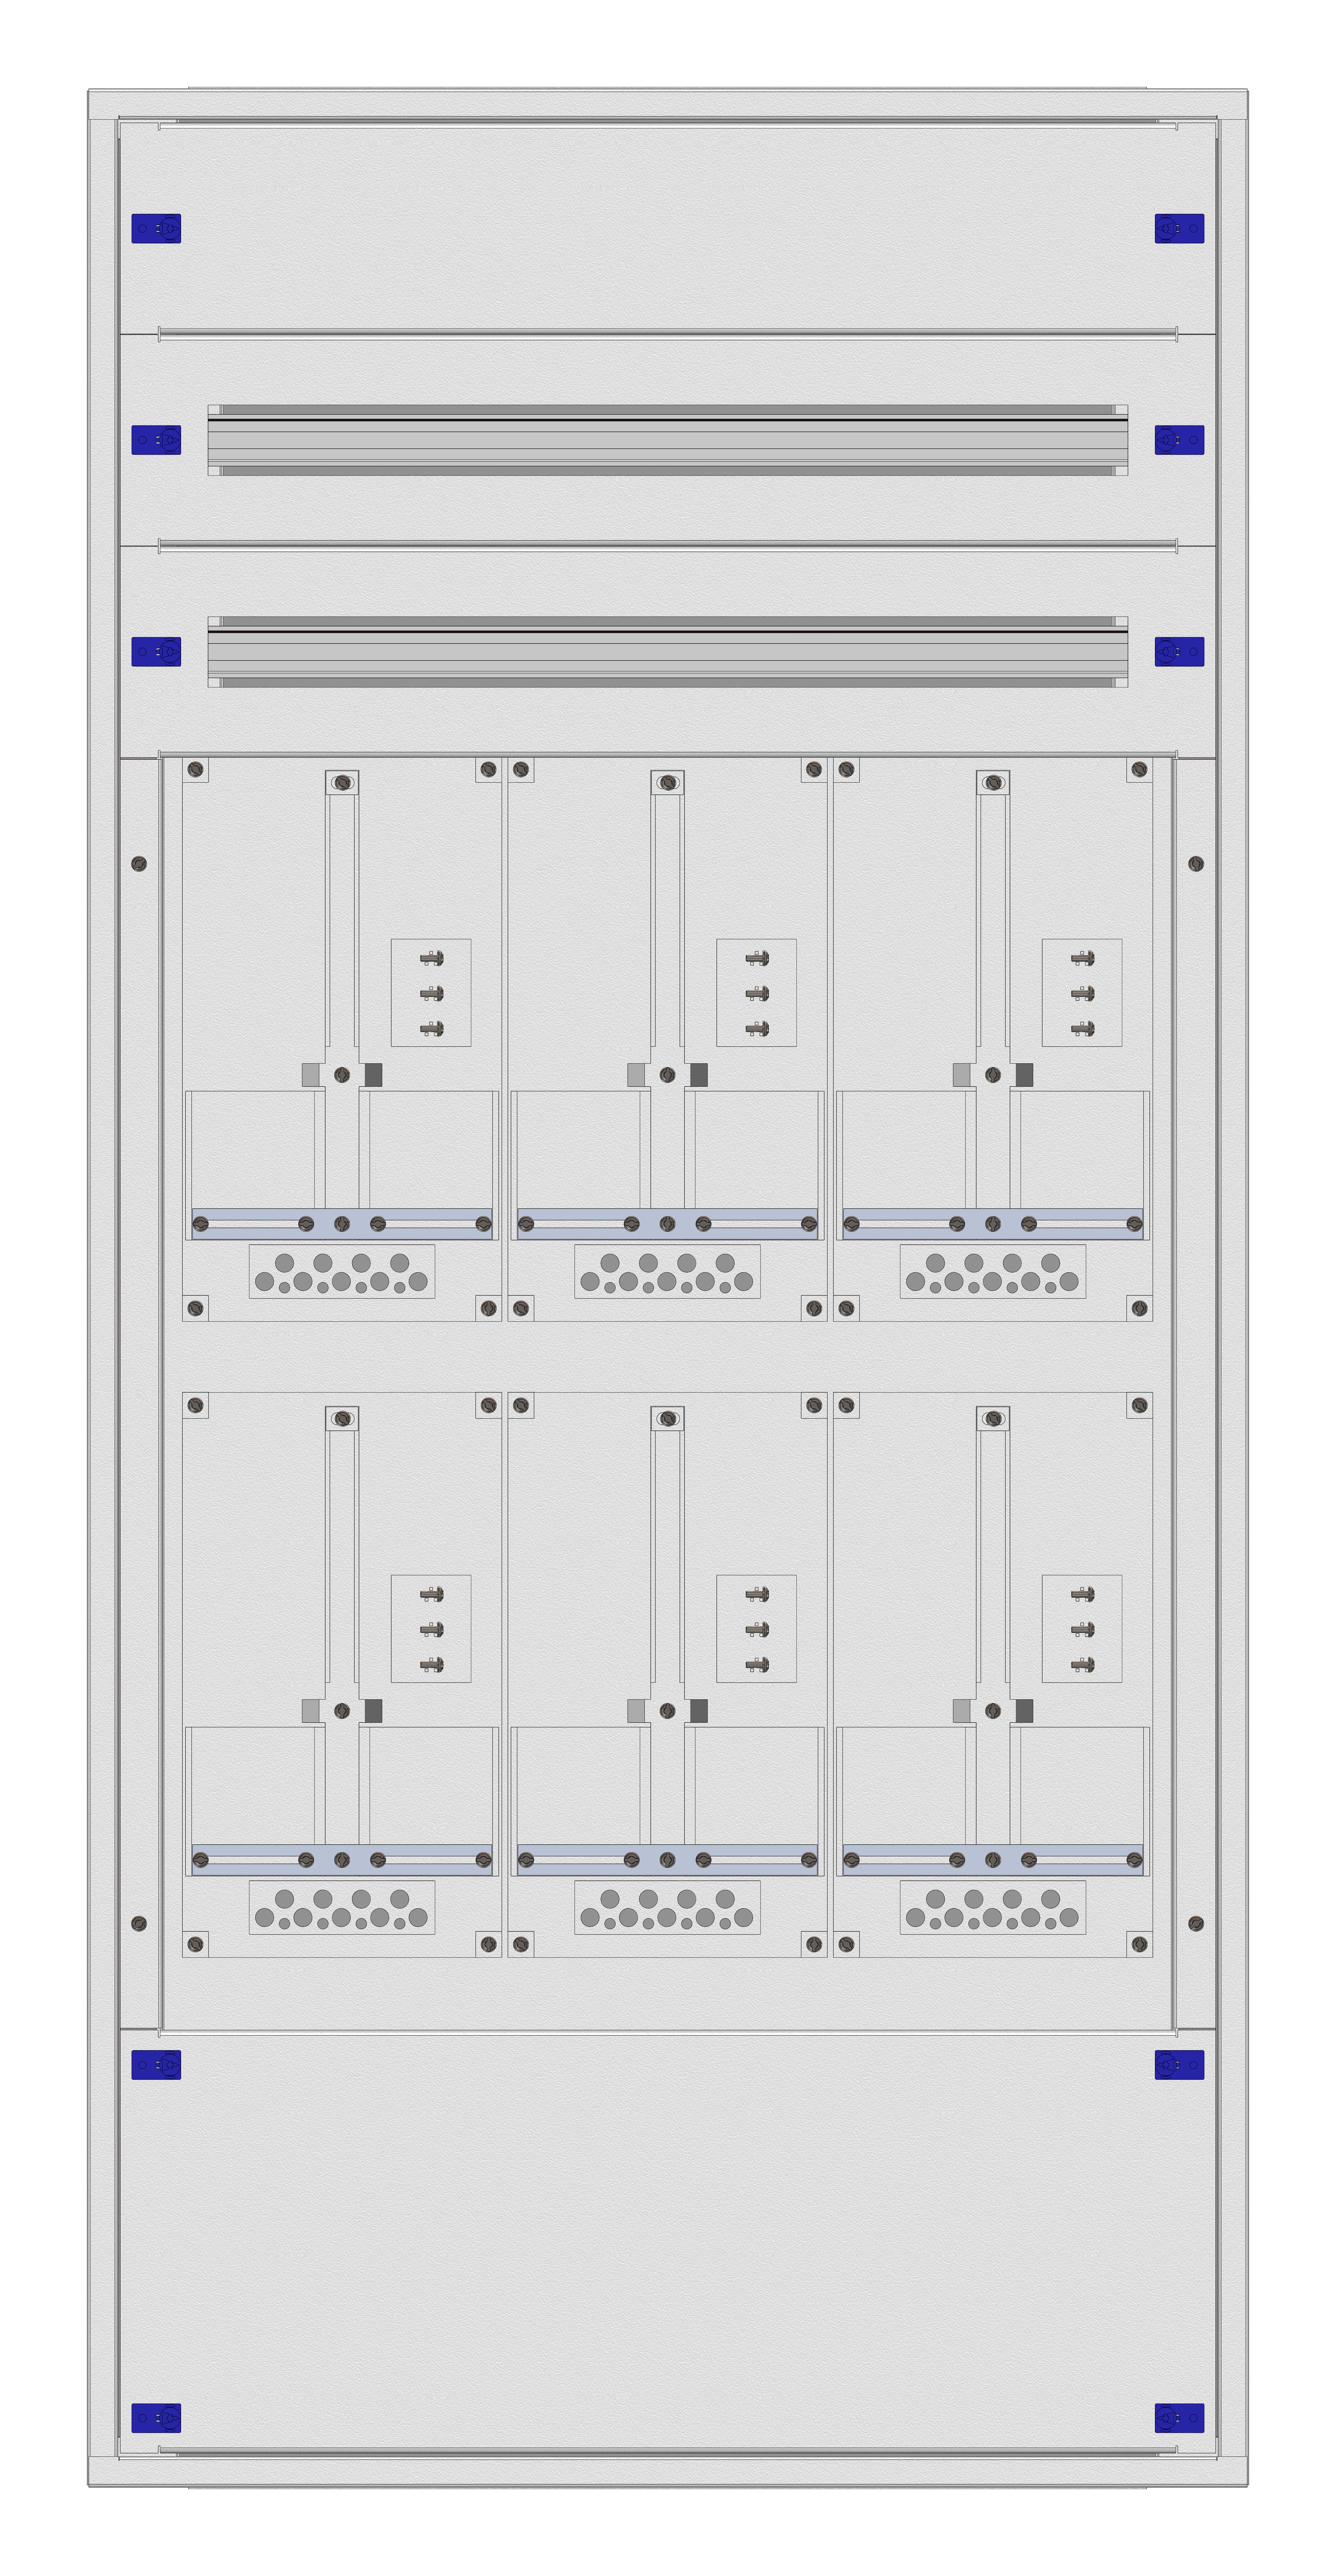 1 Stk Aufputz-Zählerverteiler 3A-33H/KTN 6ZP, H1605B810T250mm IL162333KK